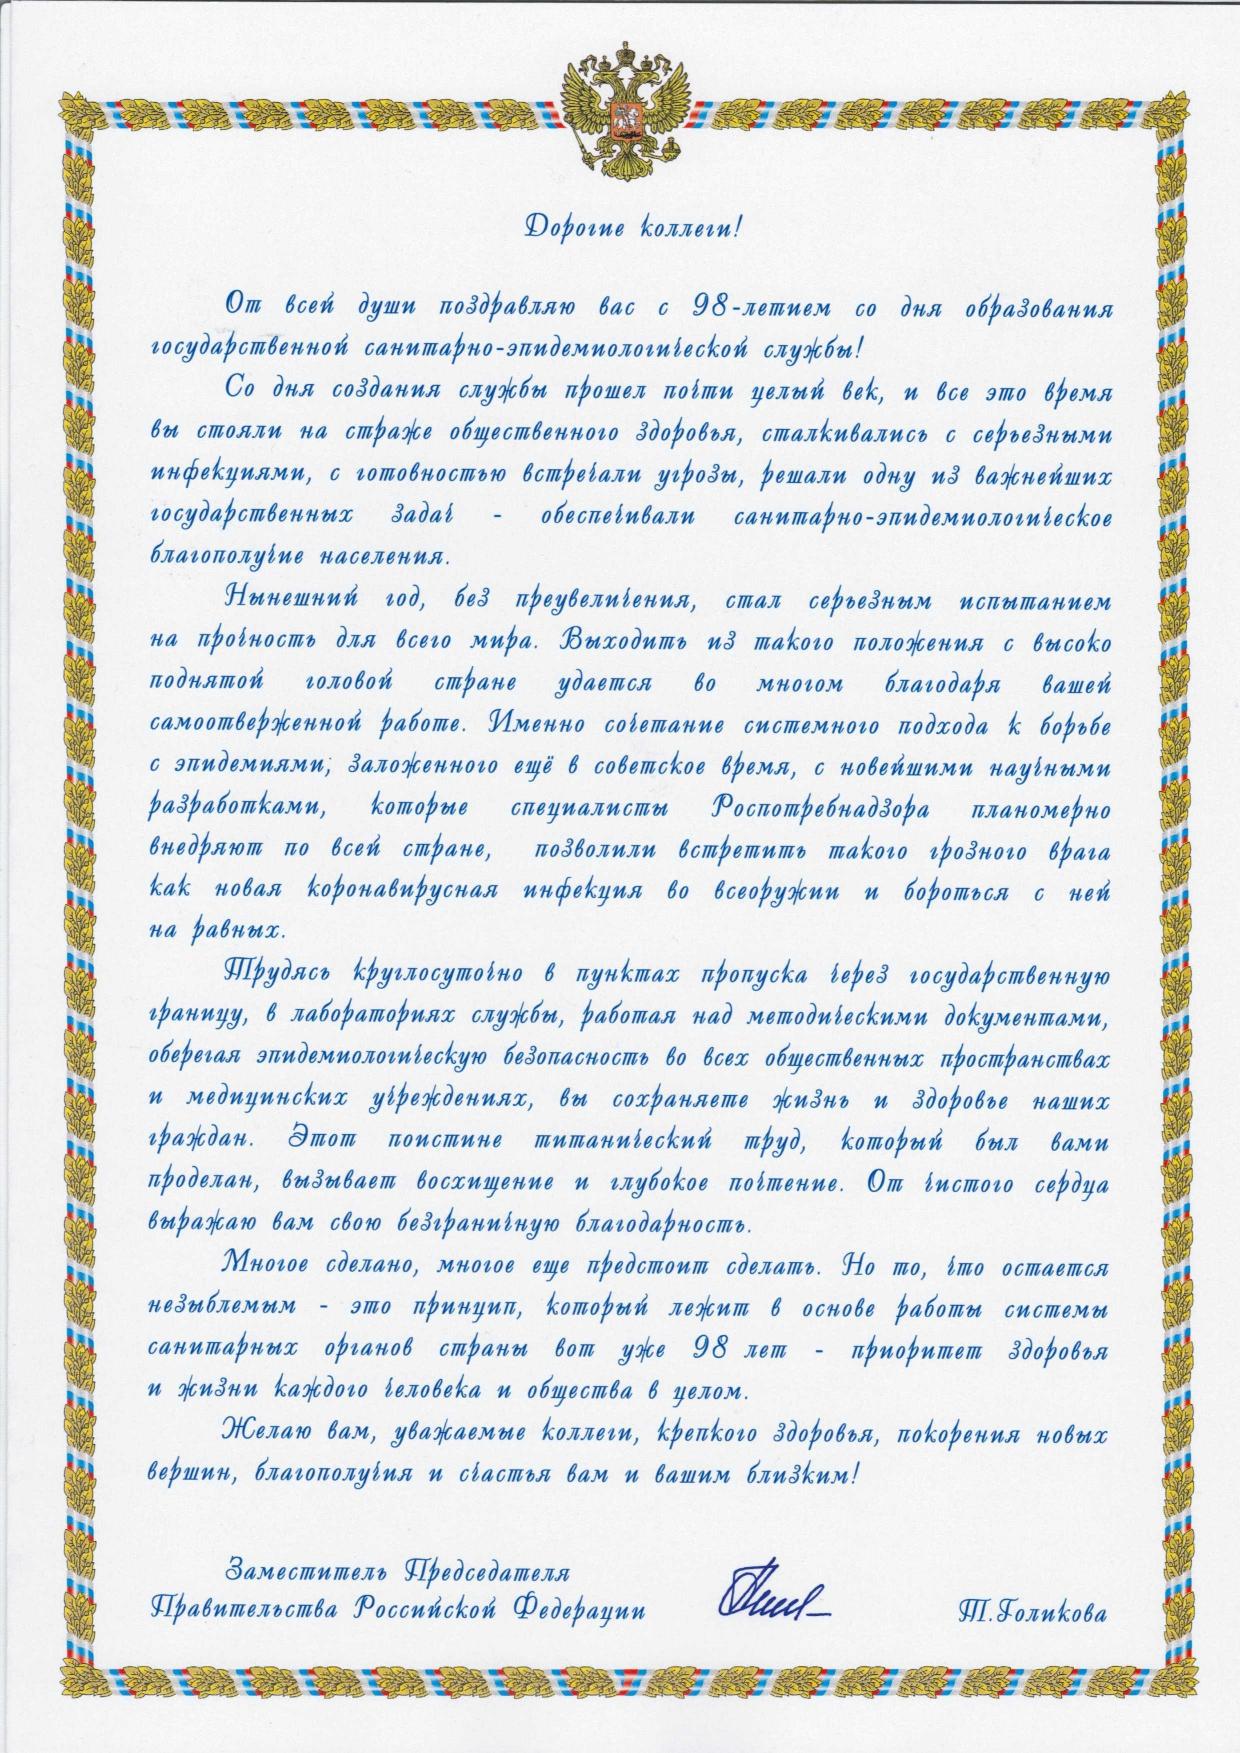 Поздравление Заместителя Председателя Правительства РФ Т.А. Голиковой c 98-летием санитарно-эпидемиологической Службы